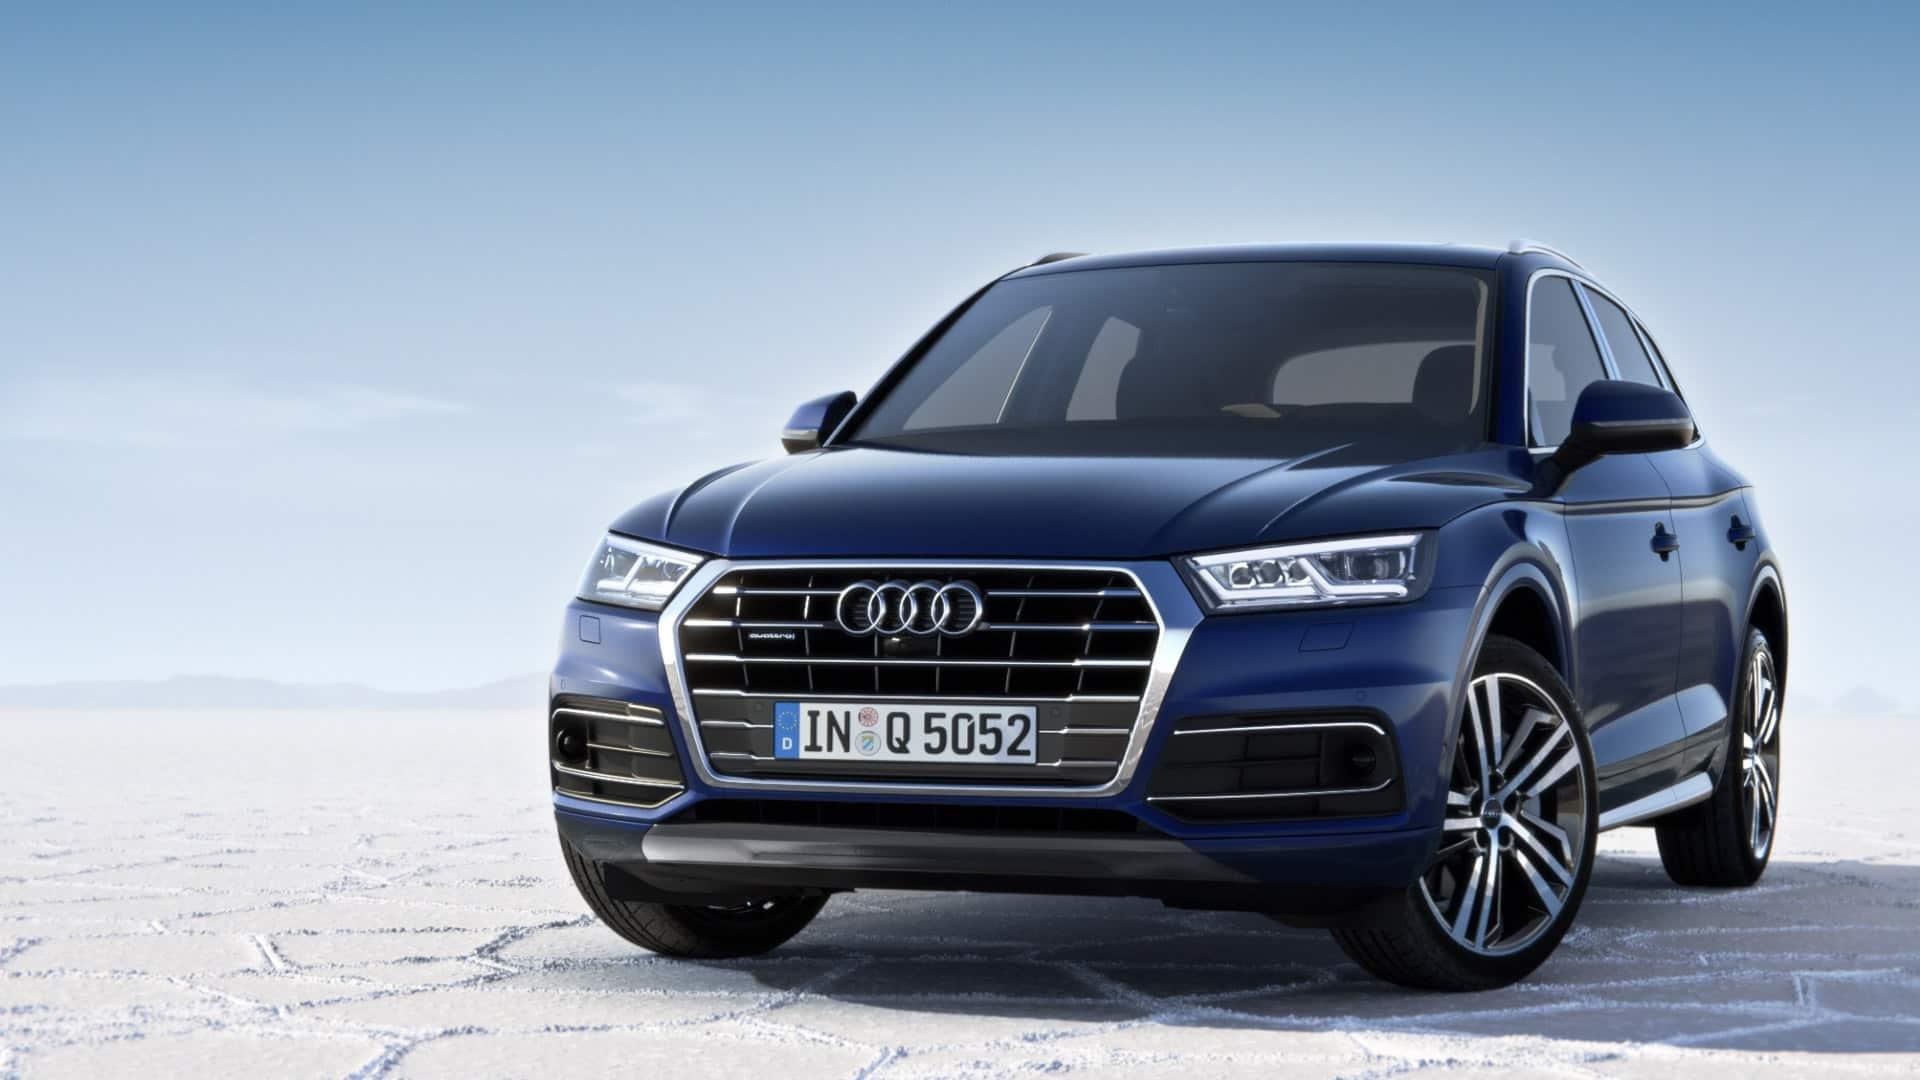 Q5 Q5 Audi Ireland